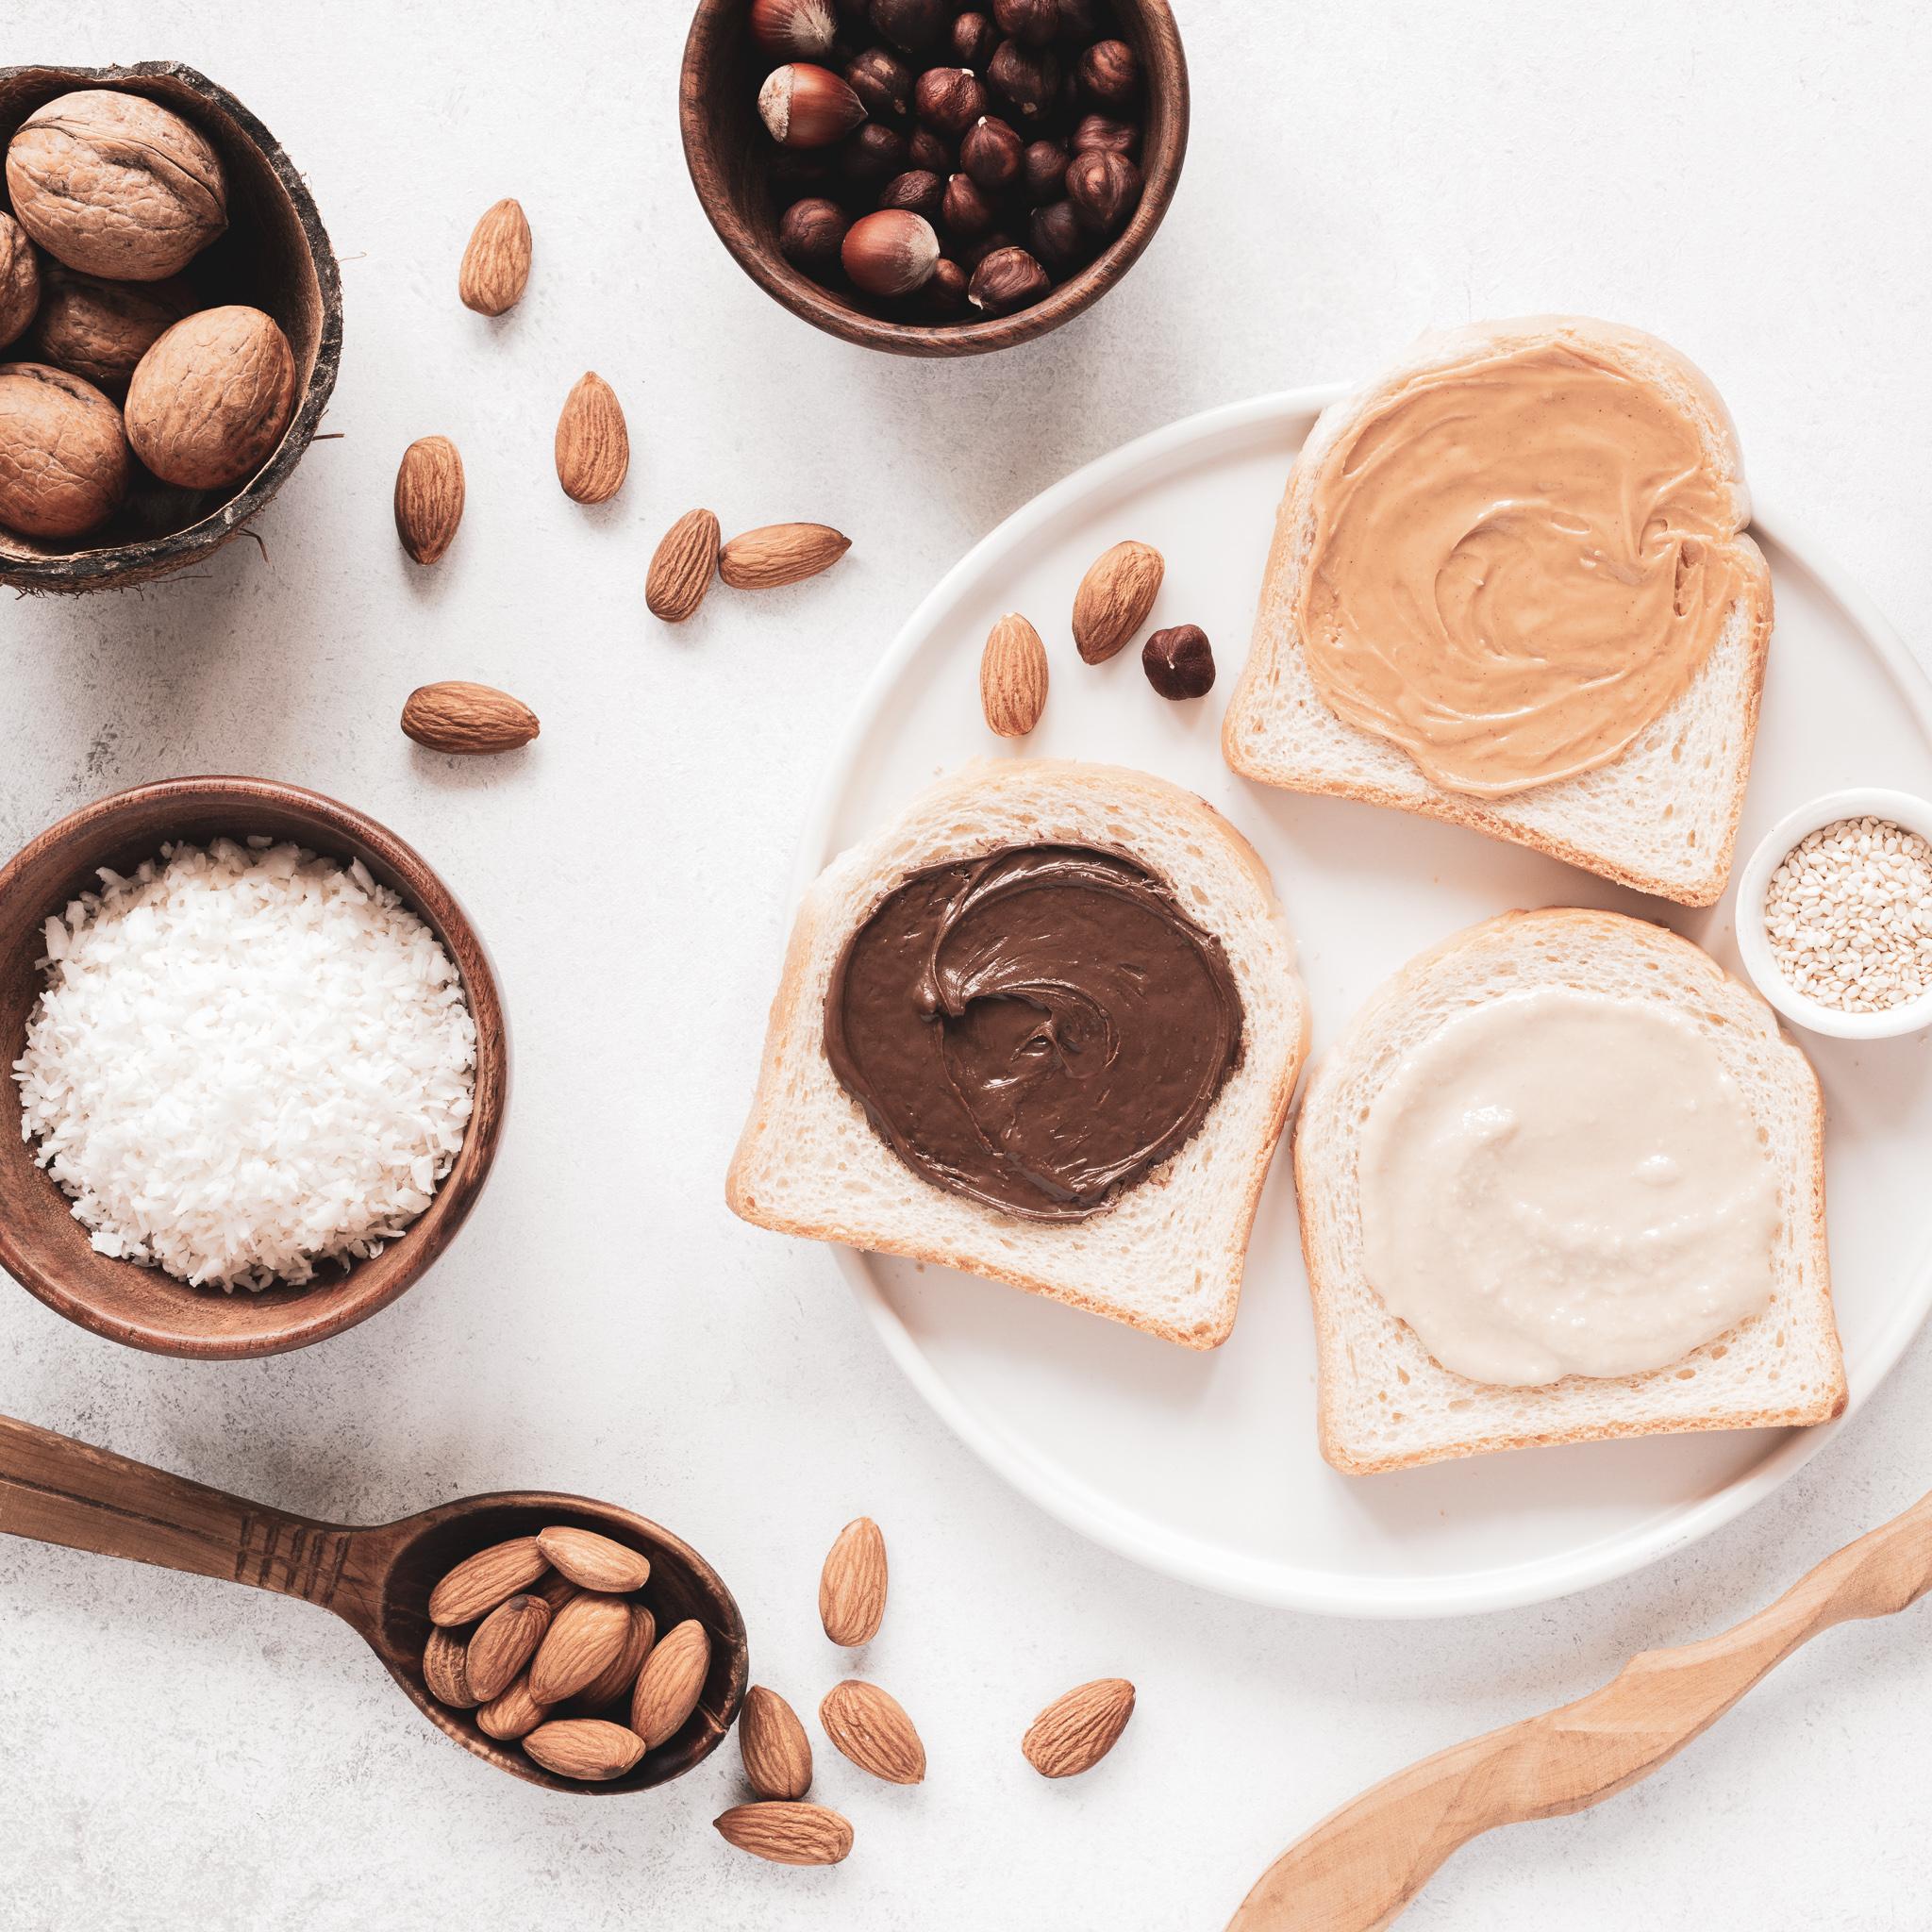 Pět a více receptů, jak využít ořechová másla na maximum ft. Smyslné Dobroty